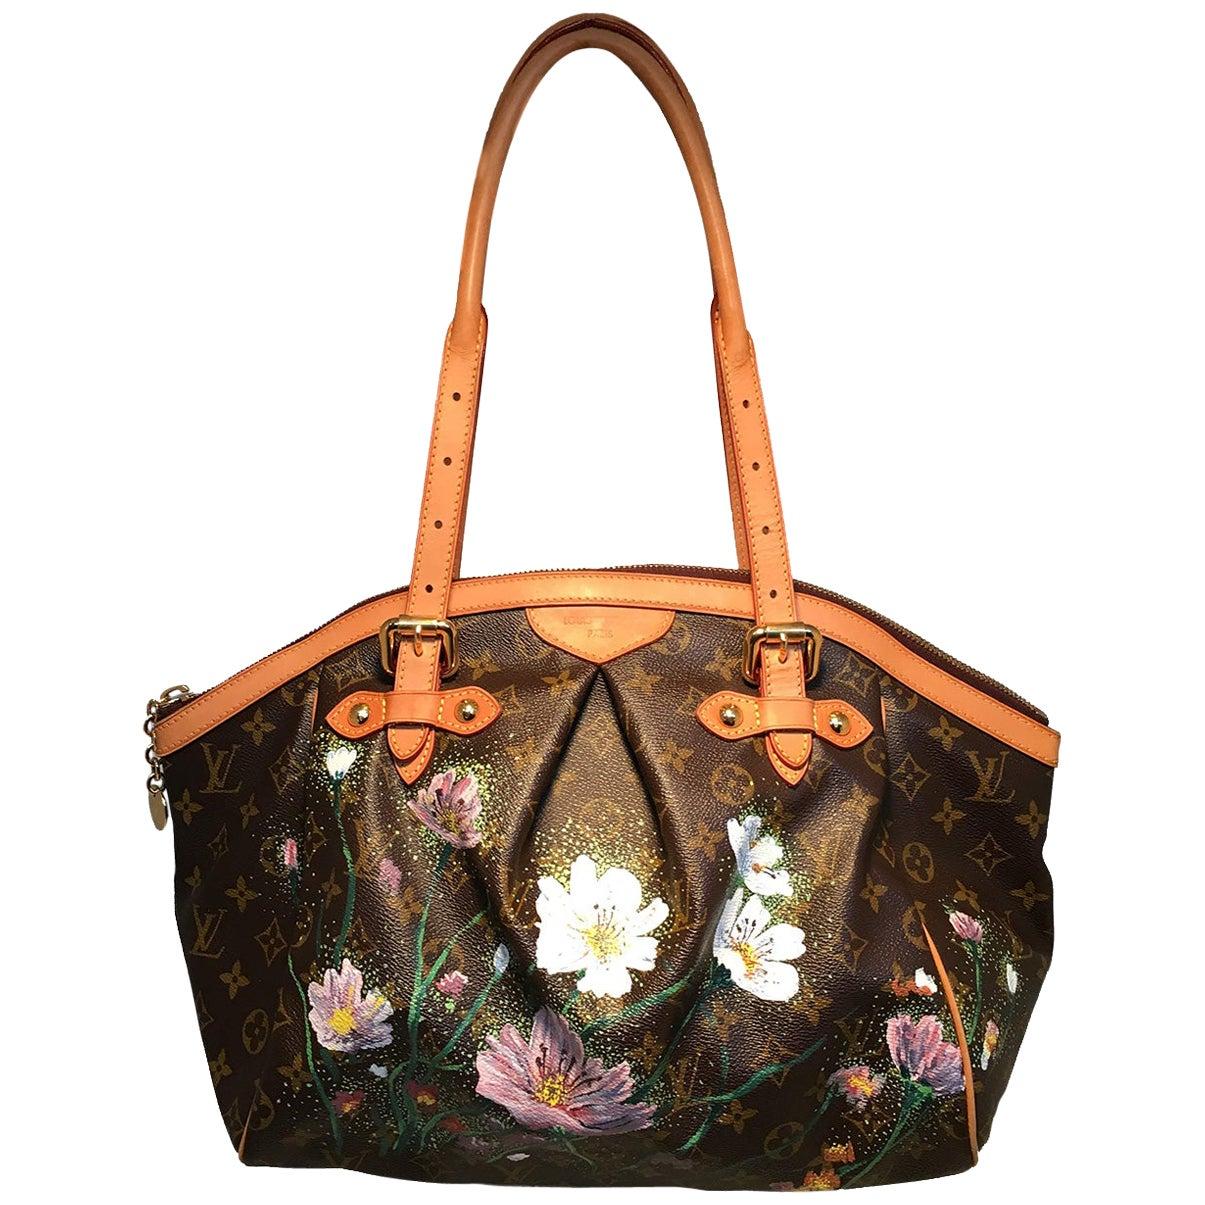 Louis Vuitton Monogram Hand Painted Floral Tivoli GM Shoulder Bag Tote